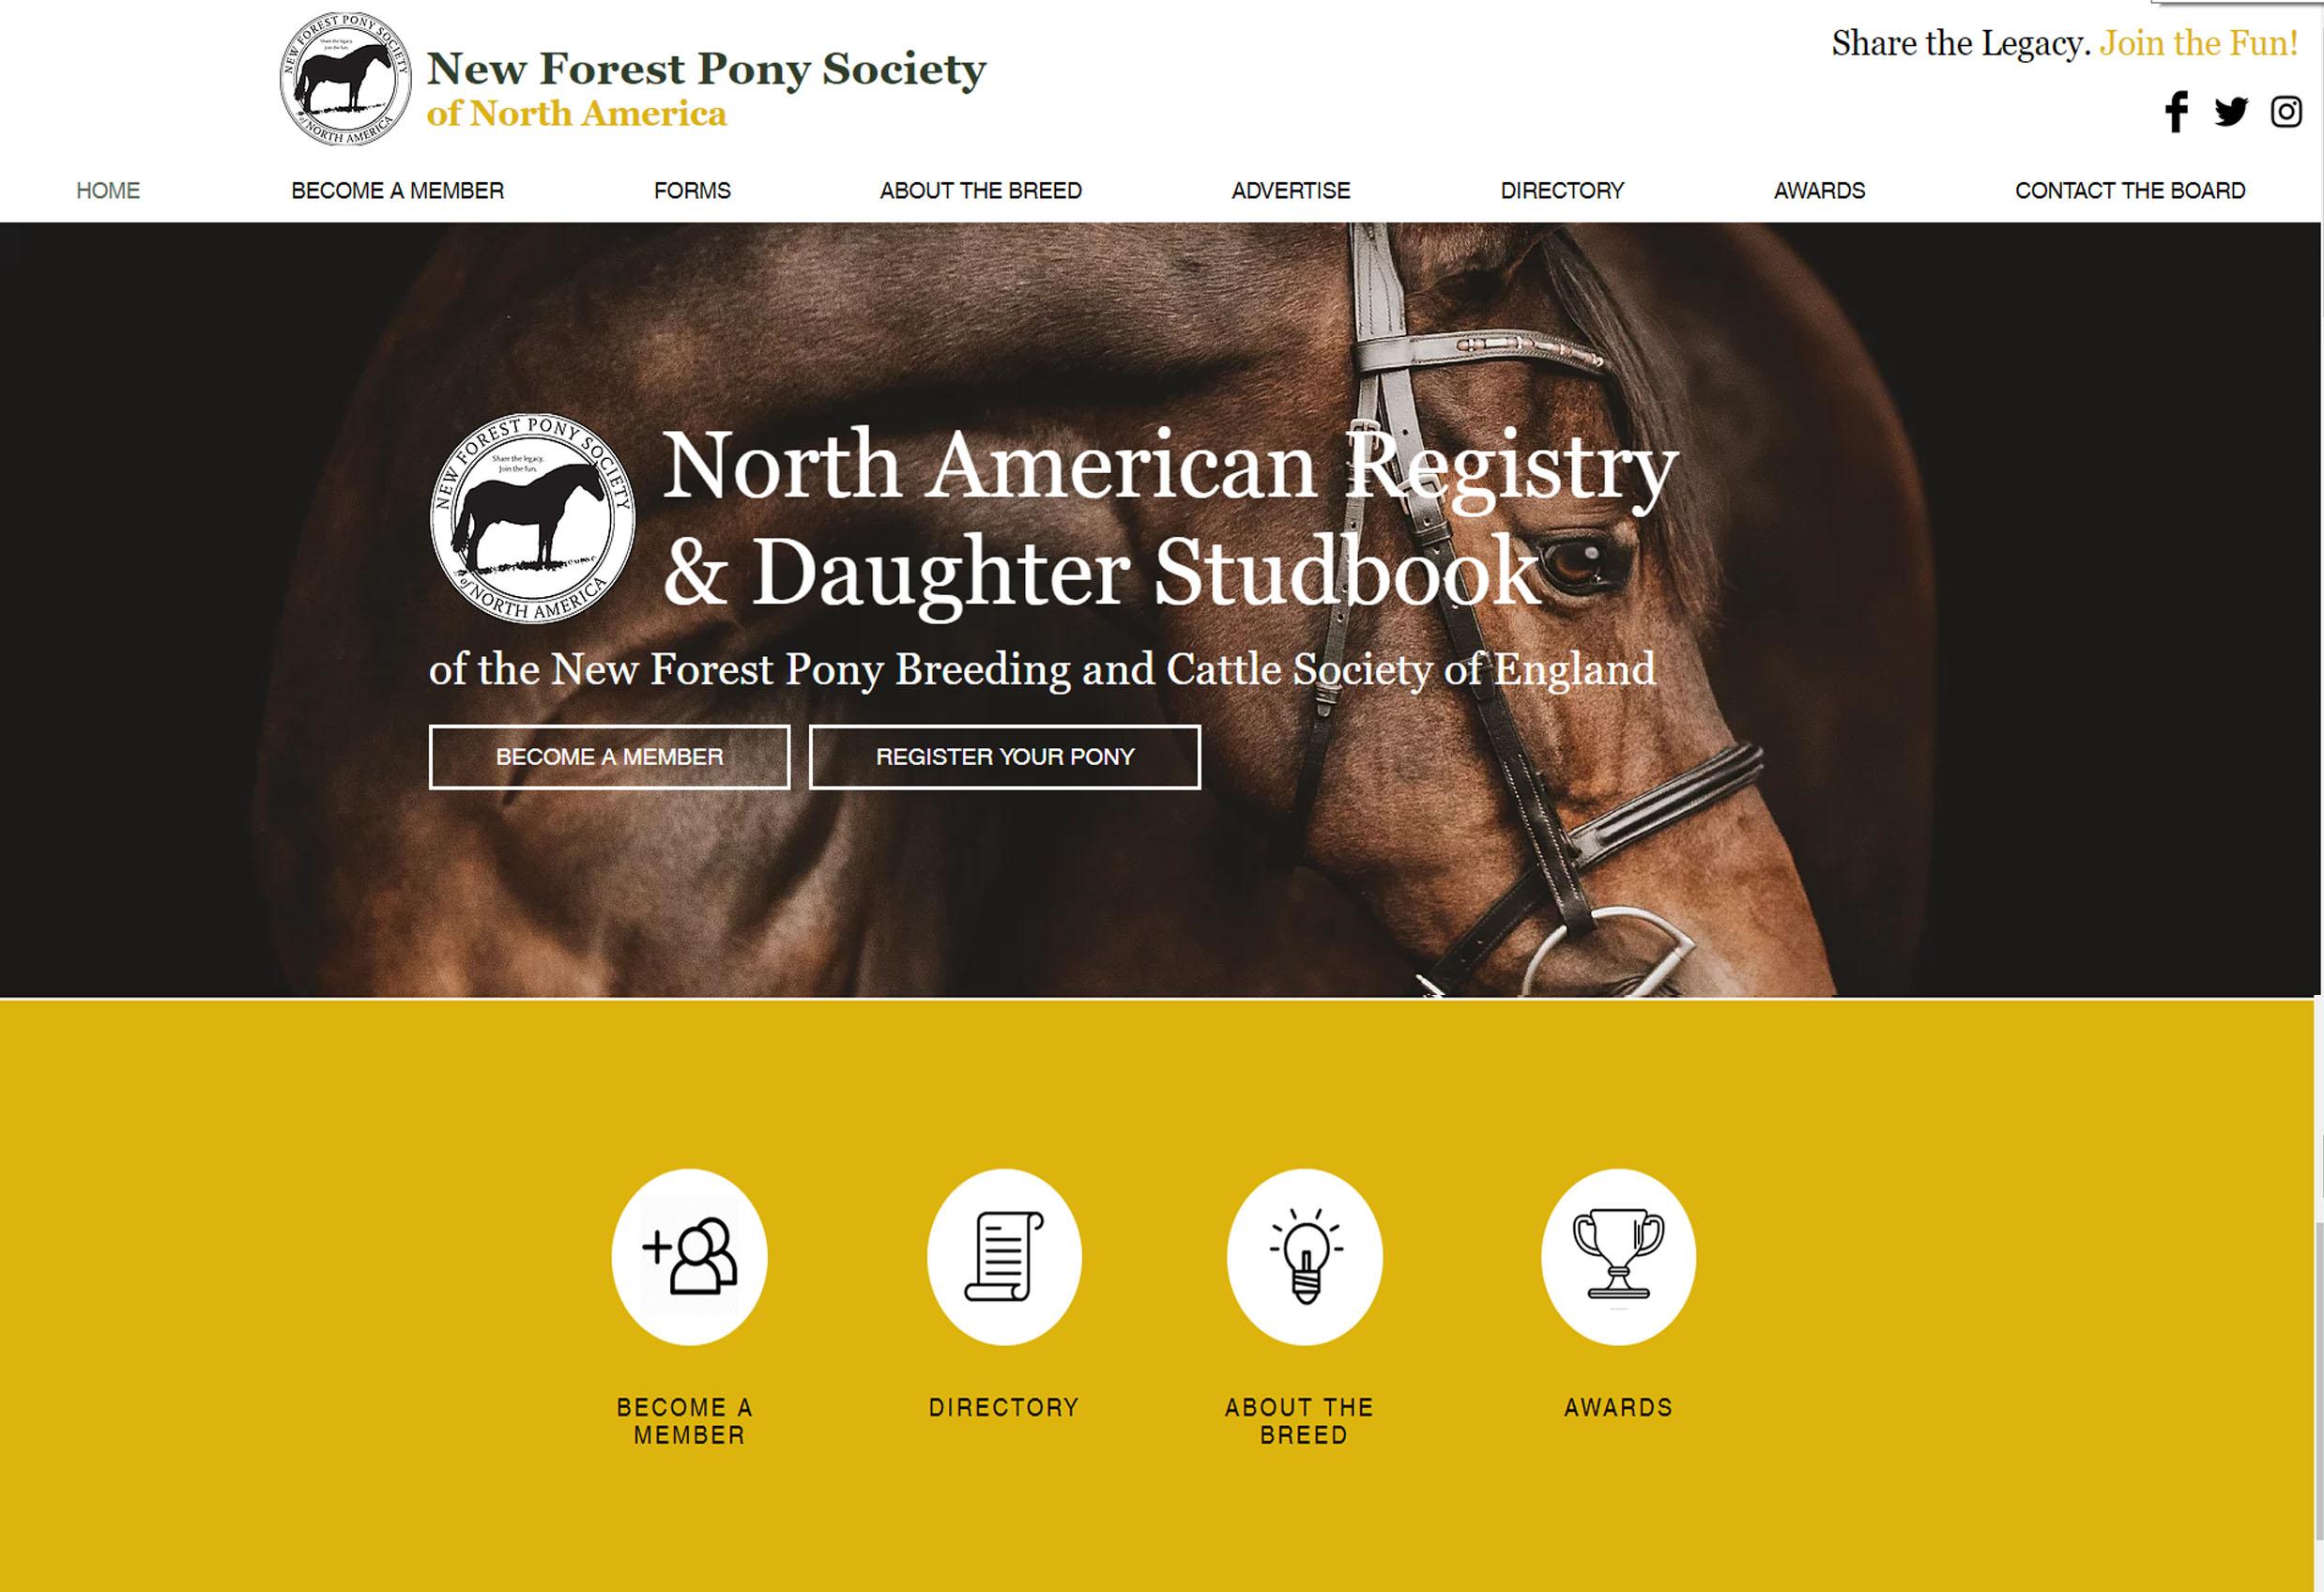 New Forest Pony Society